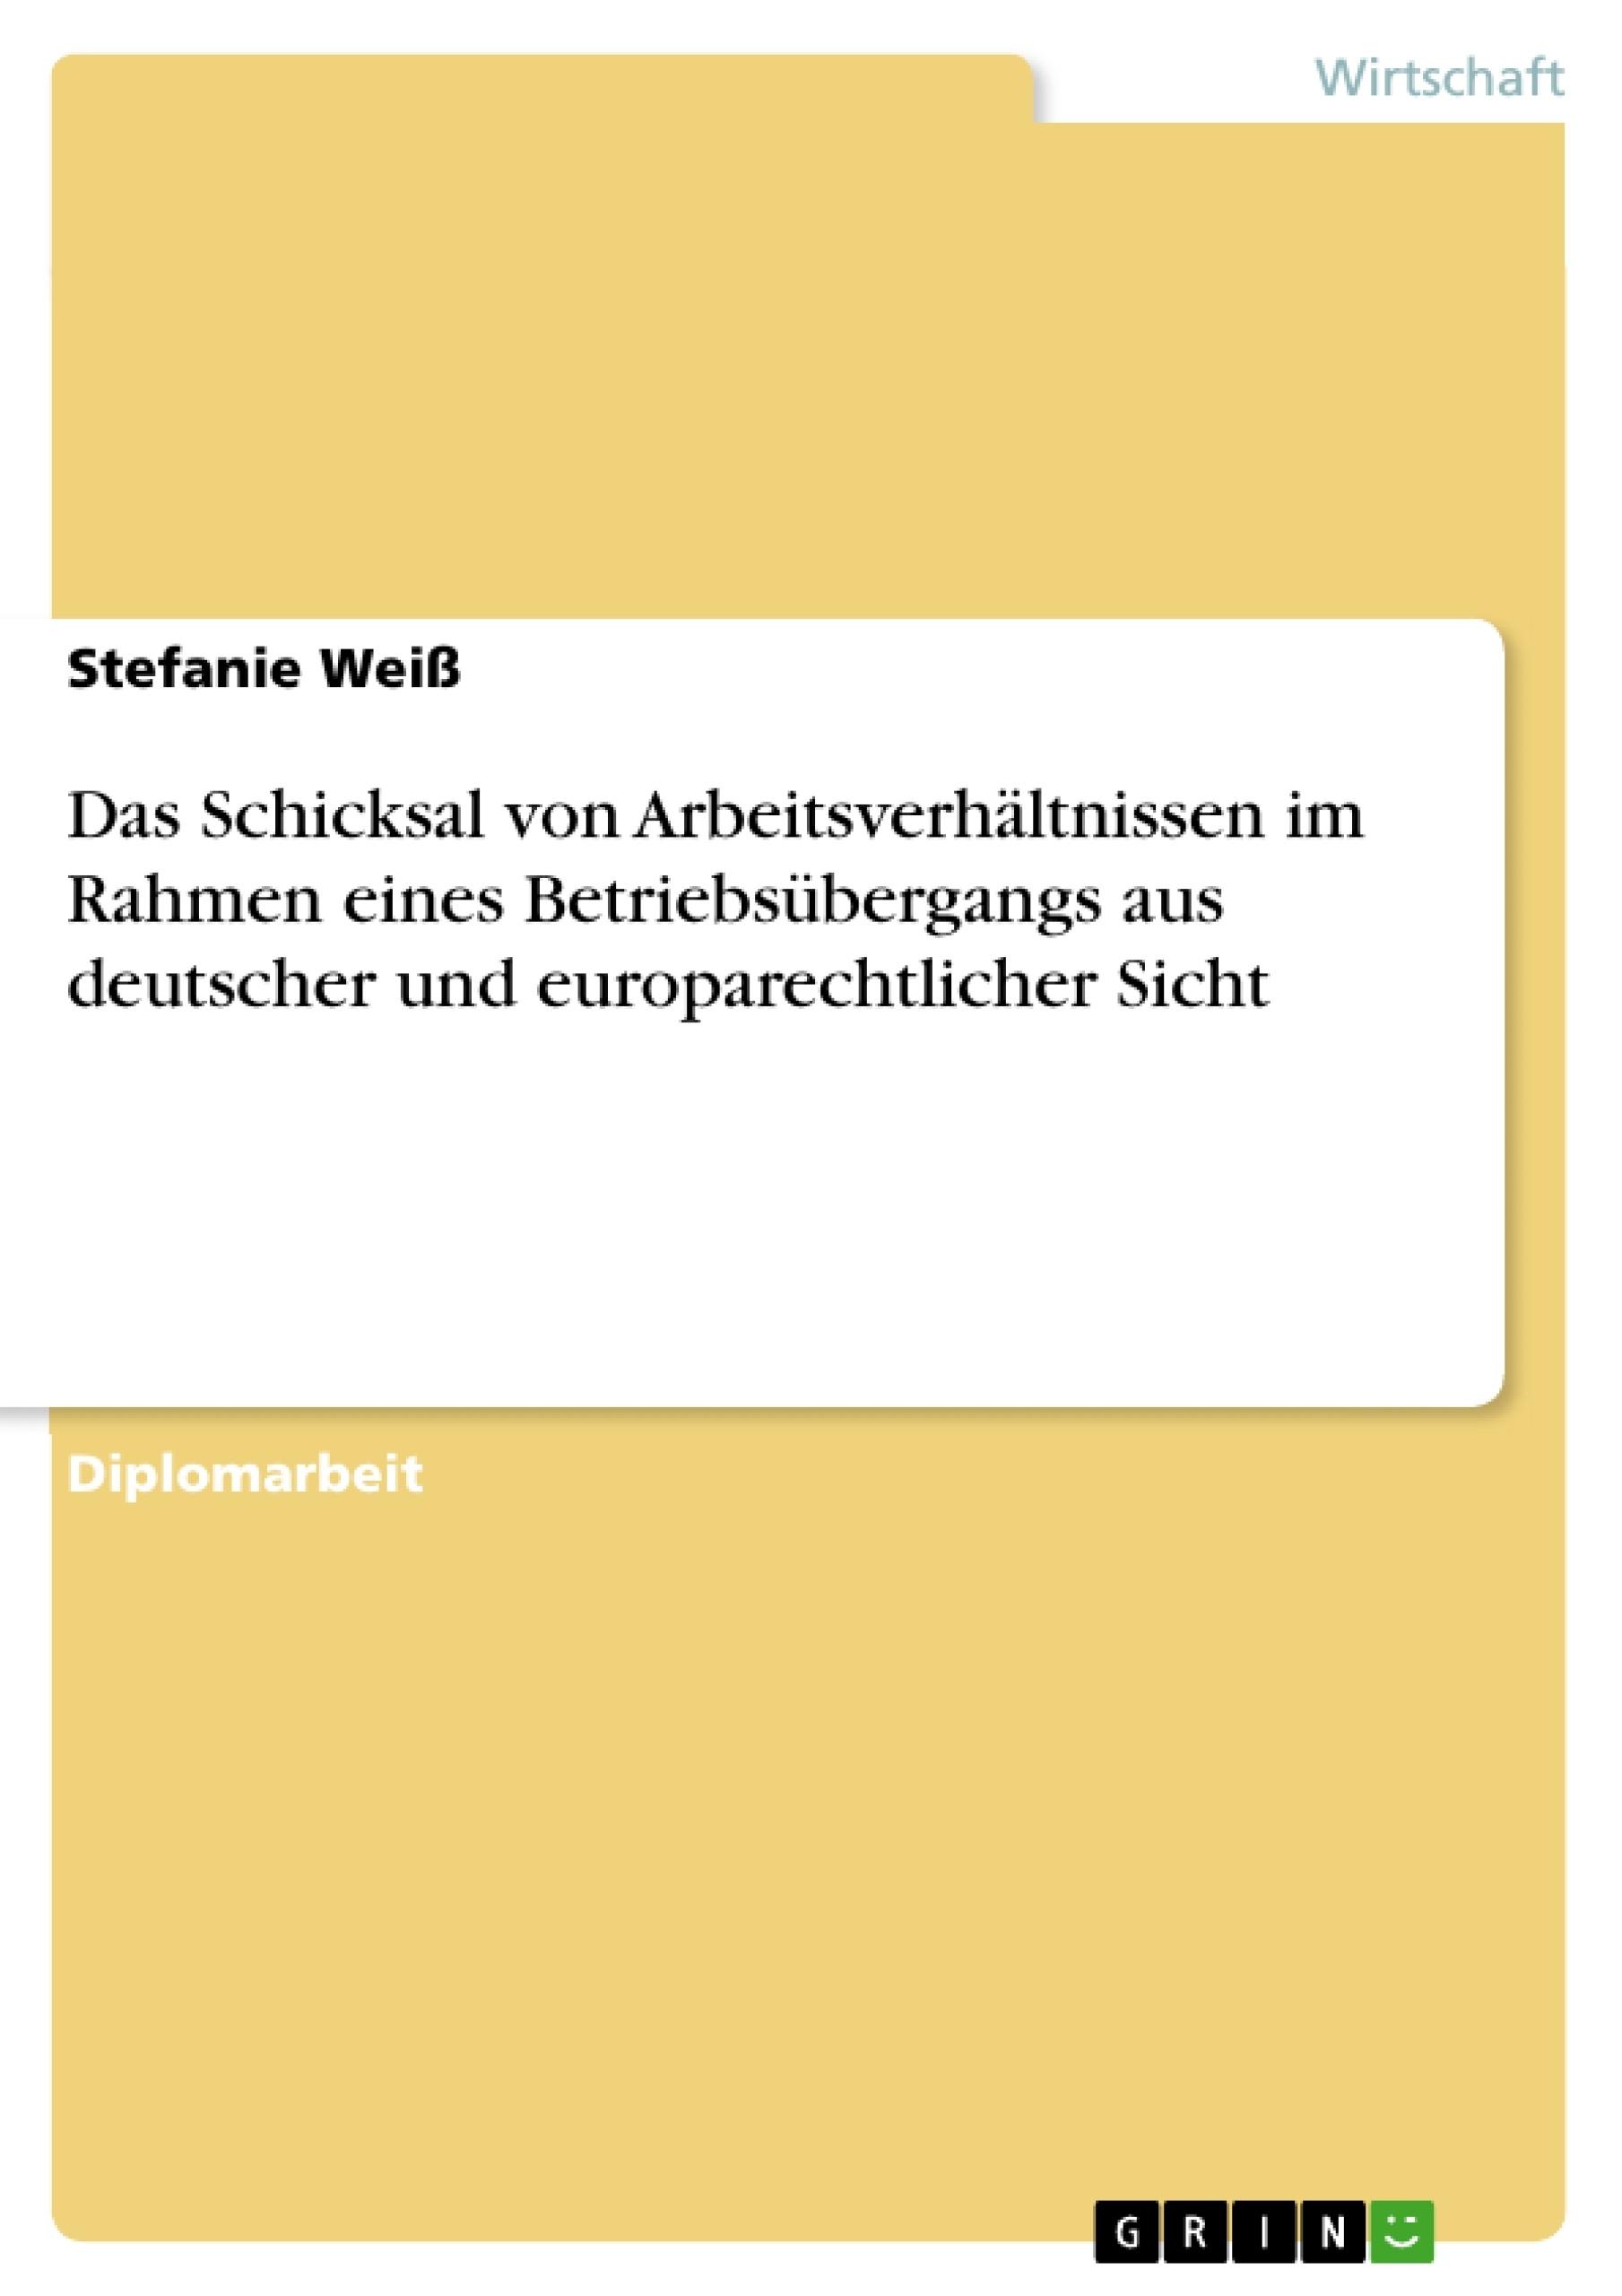 Titel: Das Schicksal von Arbeitsverhältnissen im Rahmen eines Betriebsübergangs aus deutscher und europarechtlicher Sicht